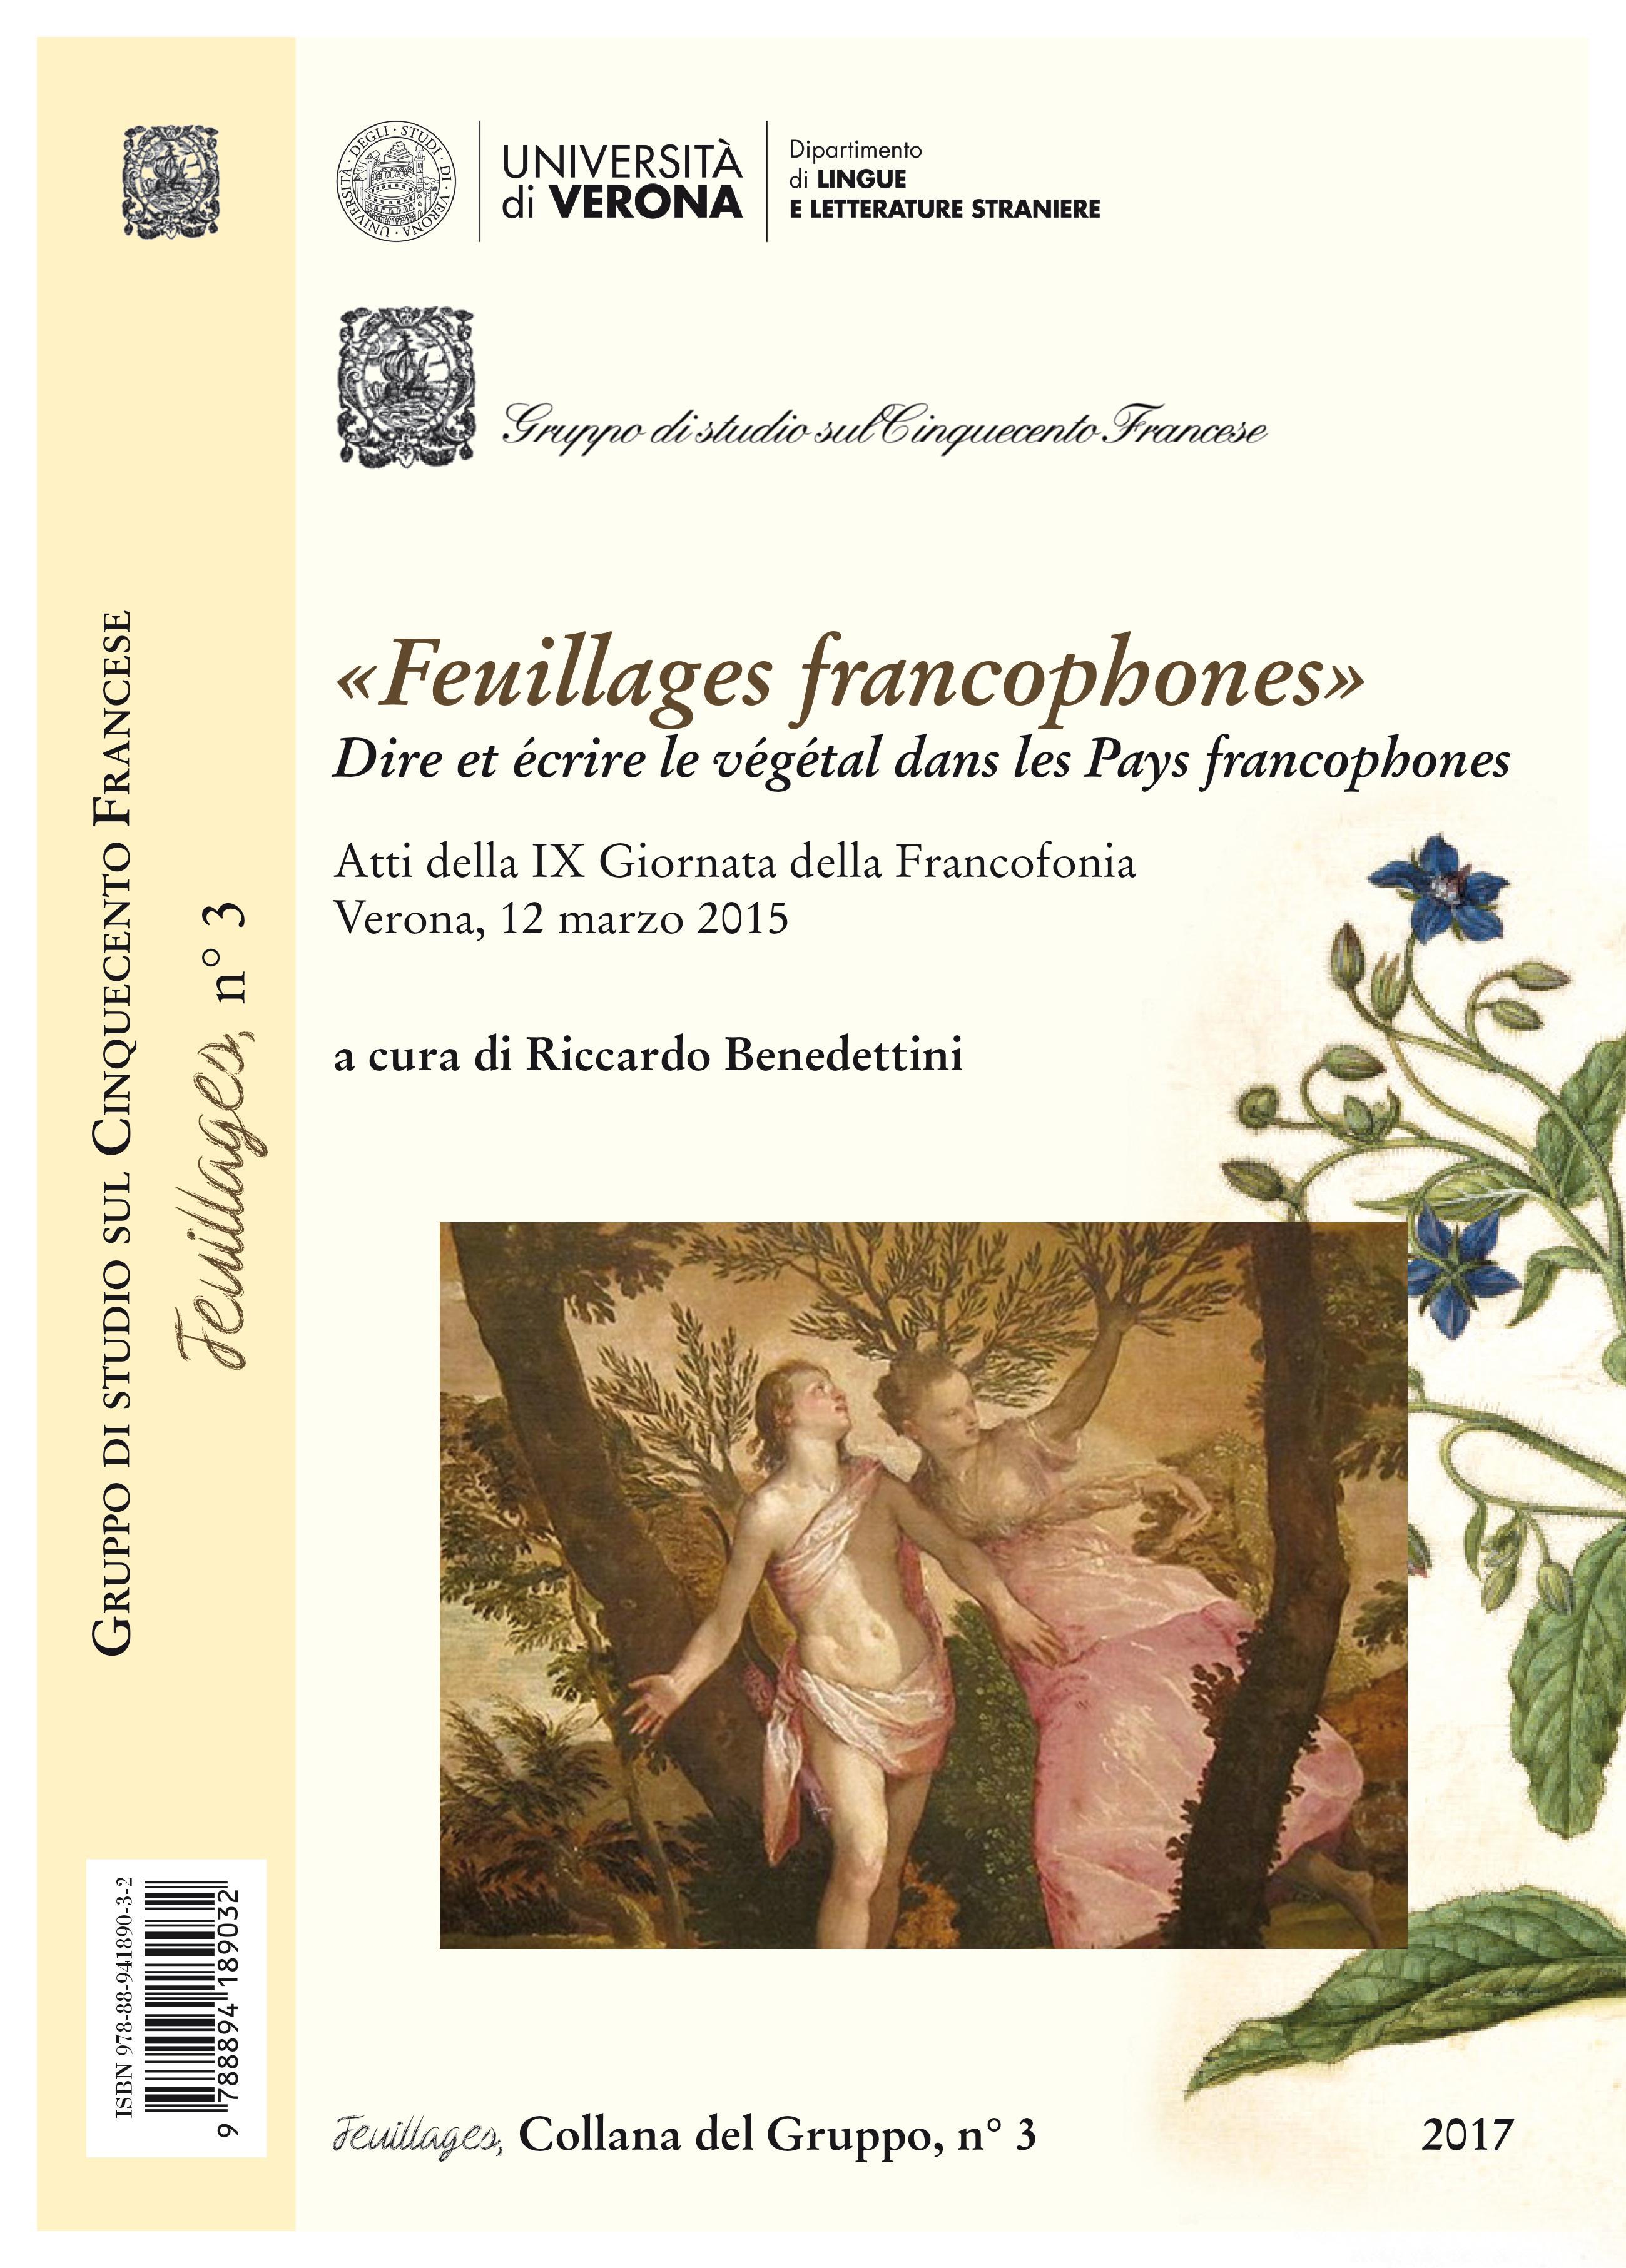 R. Benedettini (dir.), <em>Feuillages francophones. Dire et écrire le végétal dans les Pays francophones</em>